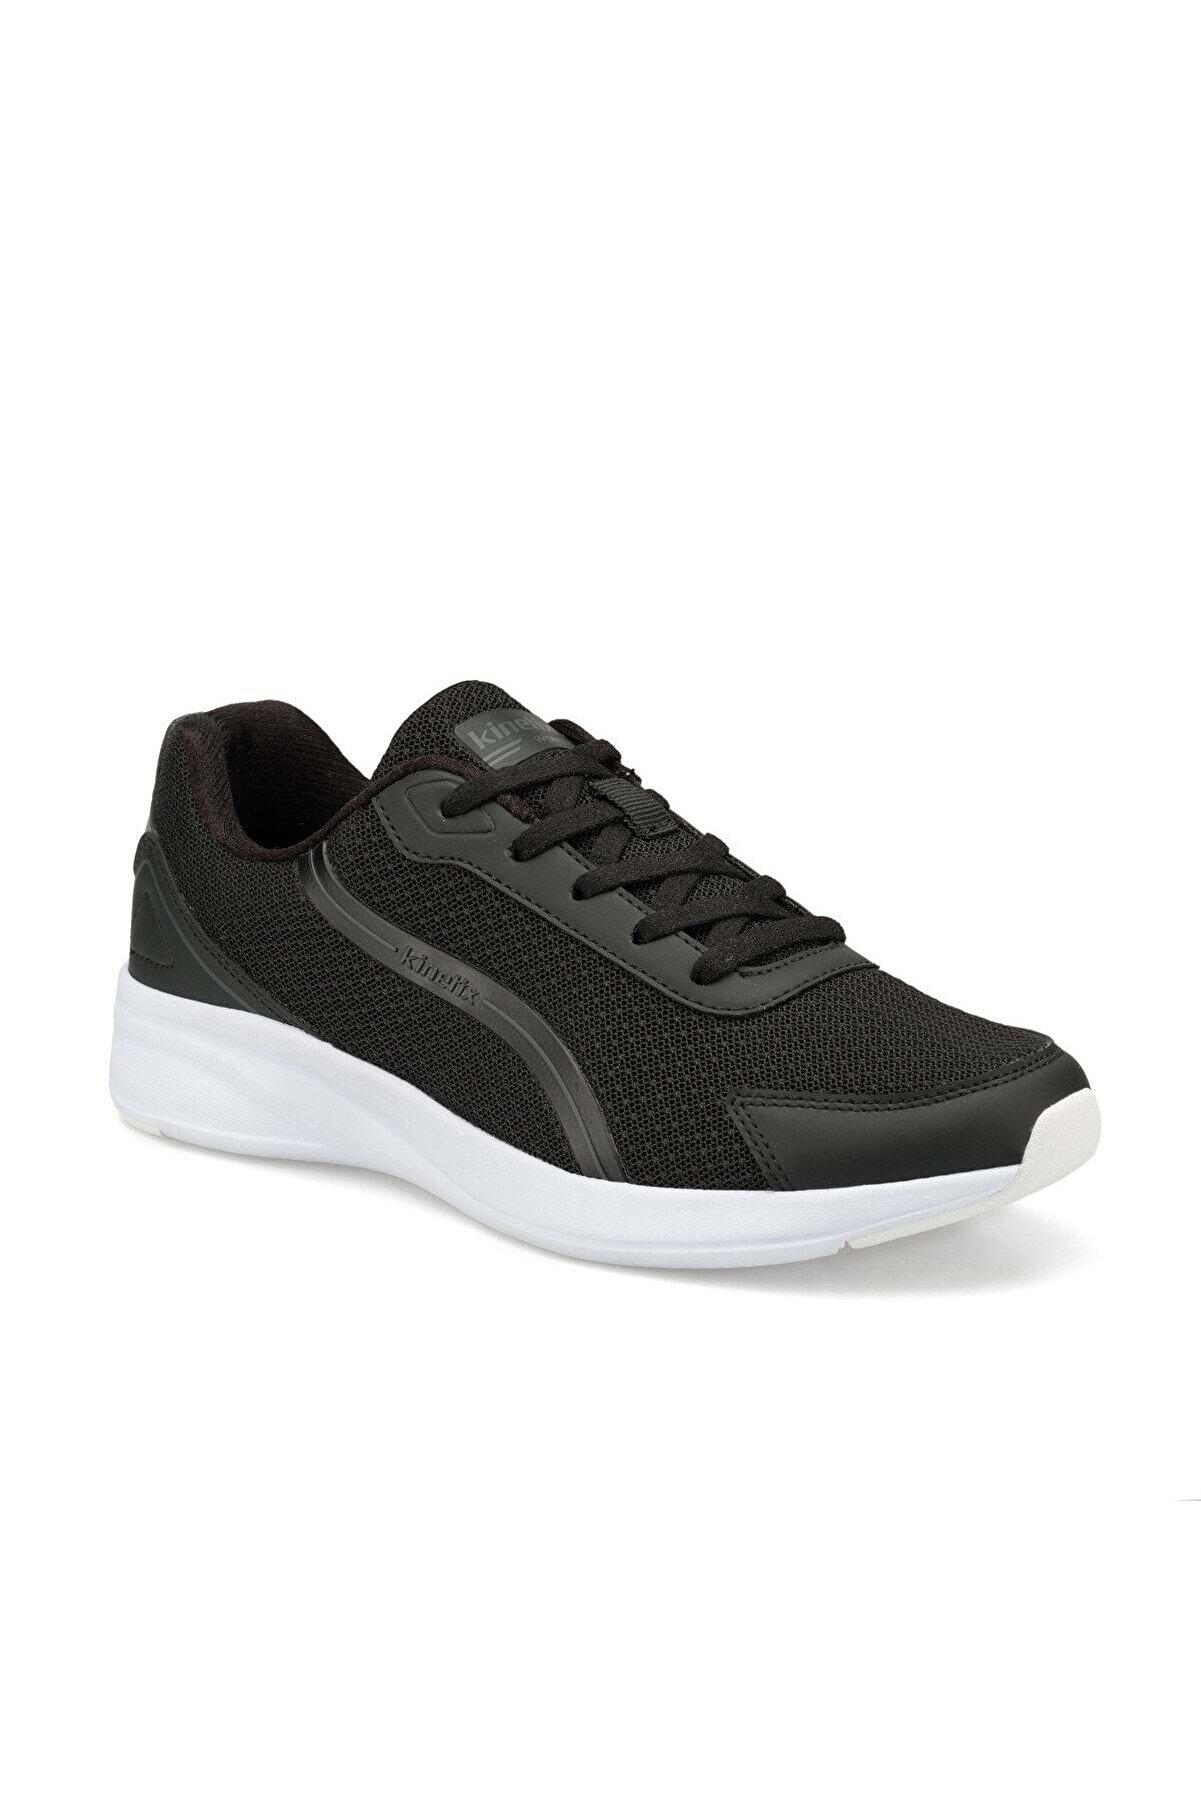 Kinetix DORA W Siyah Kadın Koşu Ayakkabısı 100502232